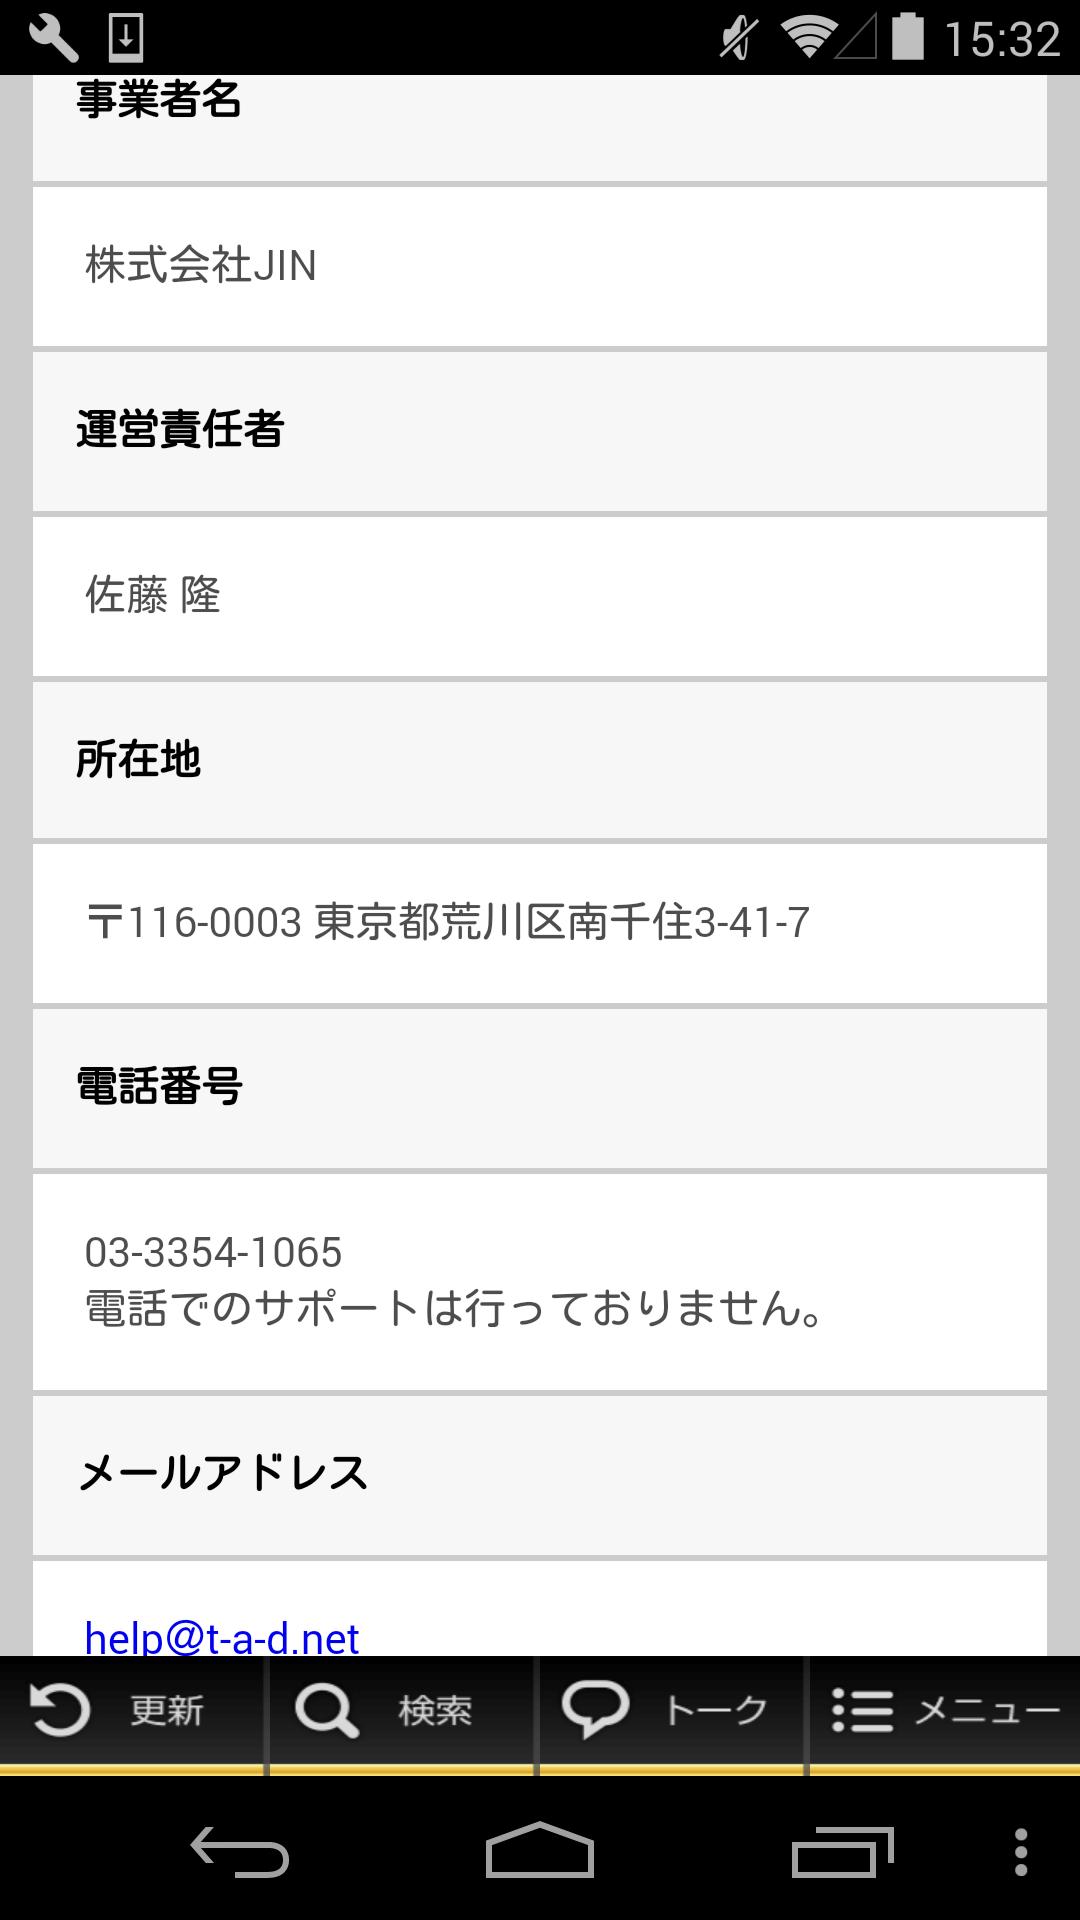 出会い探しはミクチャ♥無料の人気チャットアプリ☆近所出合い